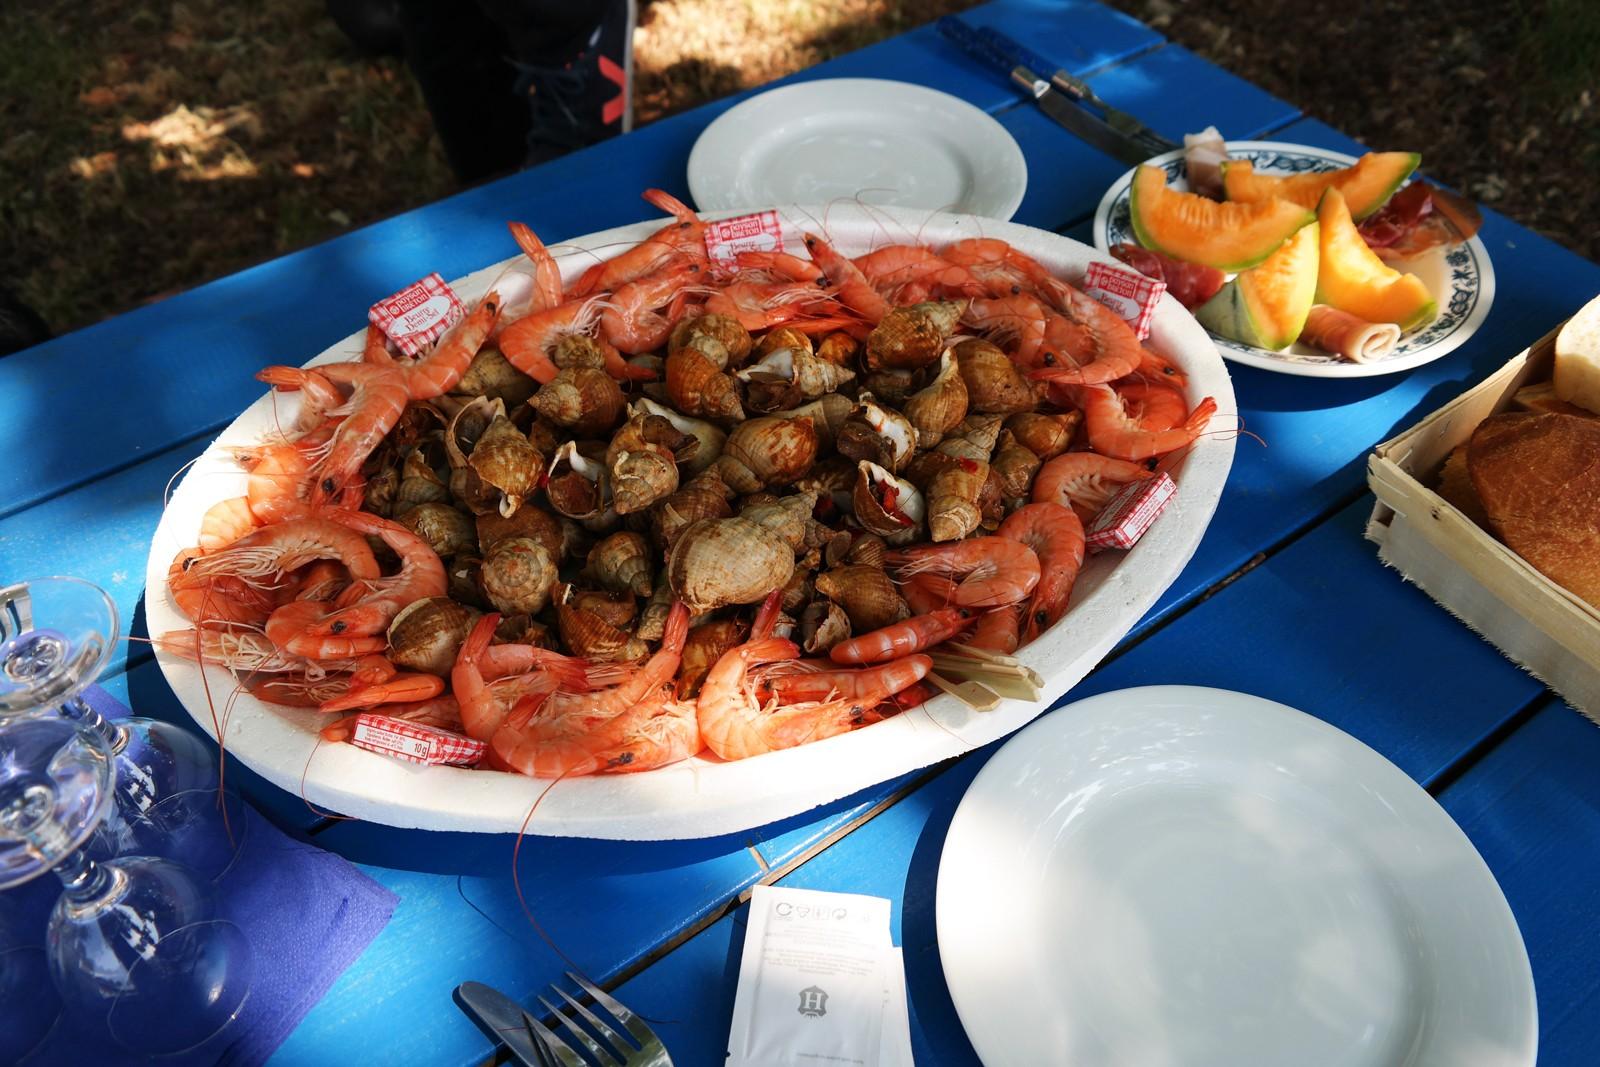 Assiette-fruits-de-mer-cabane-ostréicole-Antoine-Duvignac-déjeuner-huitres-bulots-crevettes-Port-de-Biganos-Bassin-d-Arcachon-gironde-vraies-vacances-photo-by-united-states-of-paris-blog